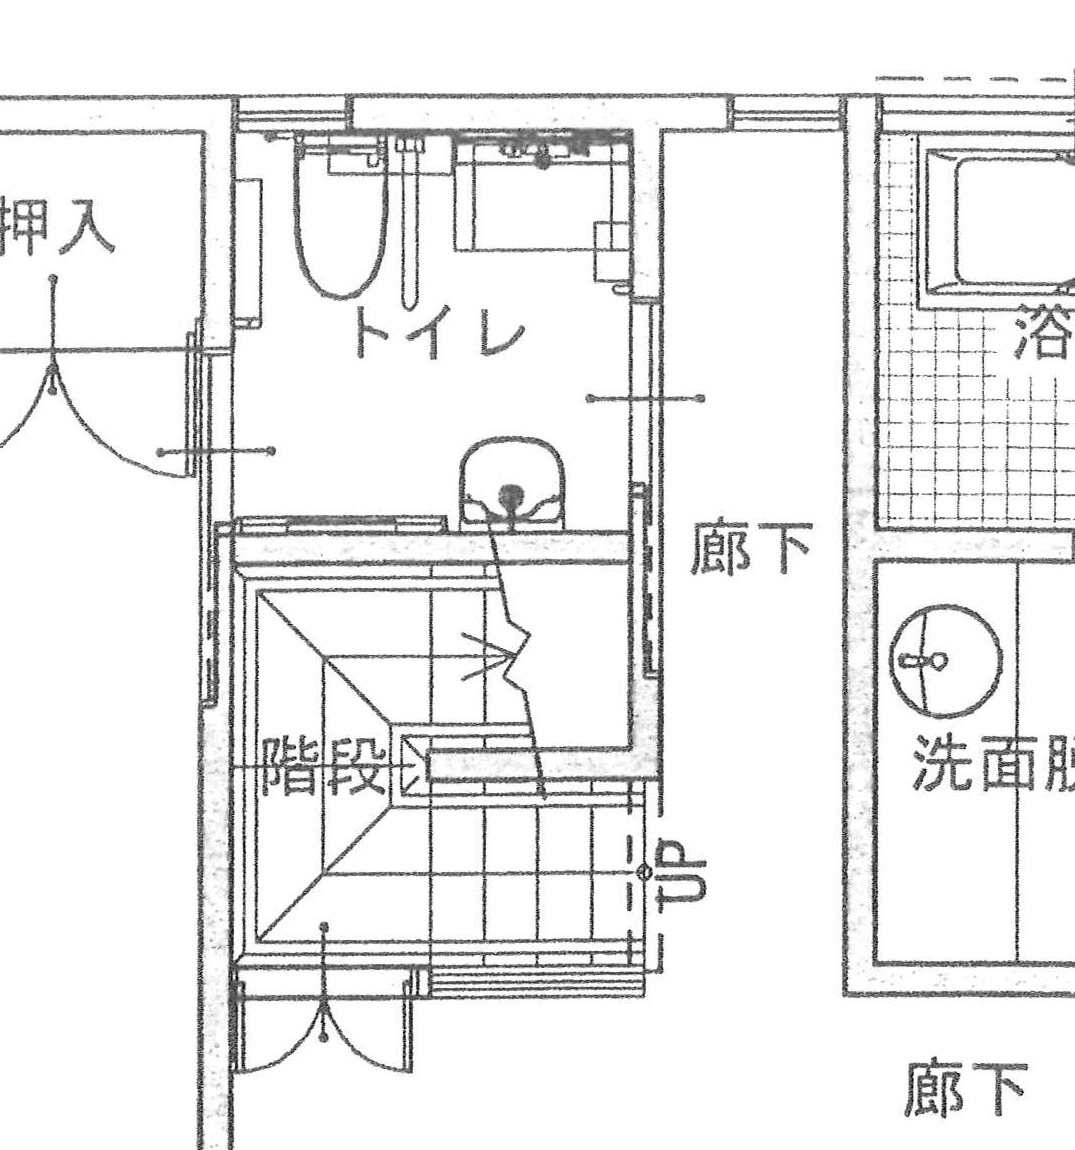 出入り口を2箇所にして寝室から直接トイレへアクセスできるようになりました